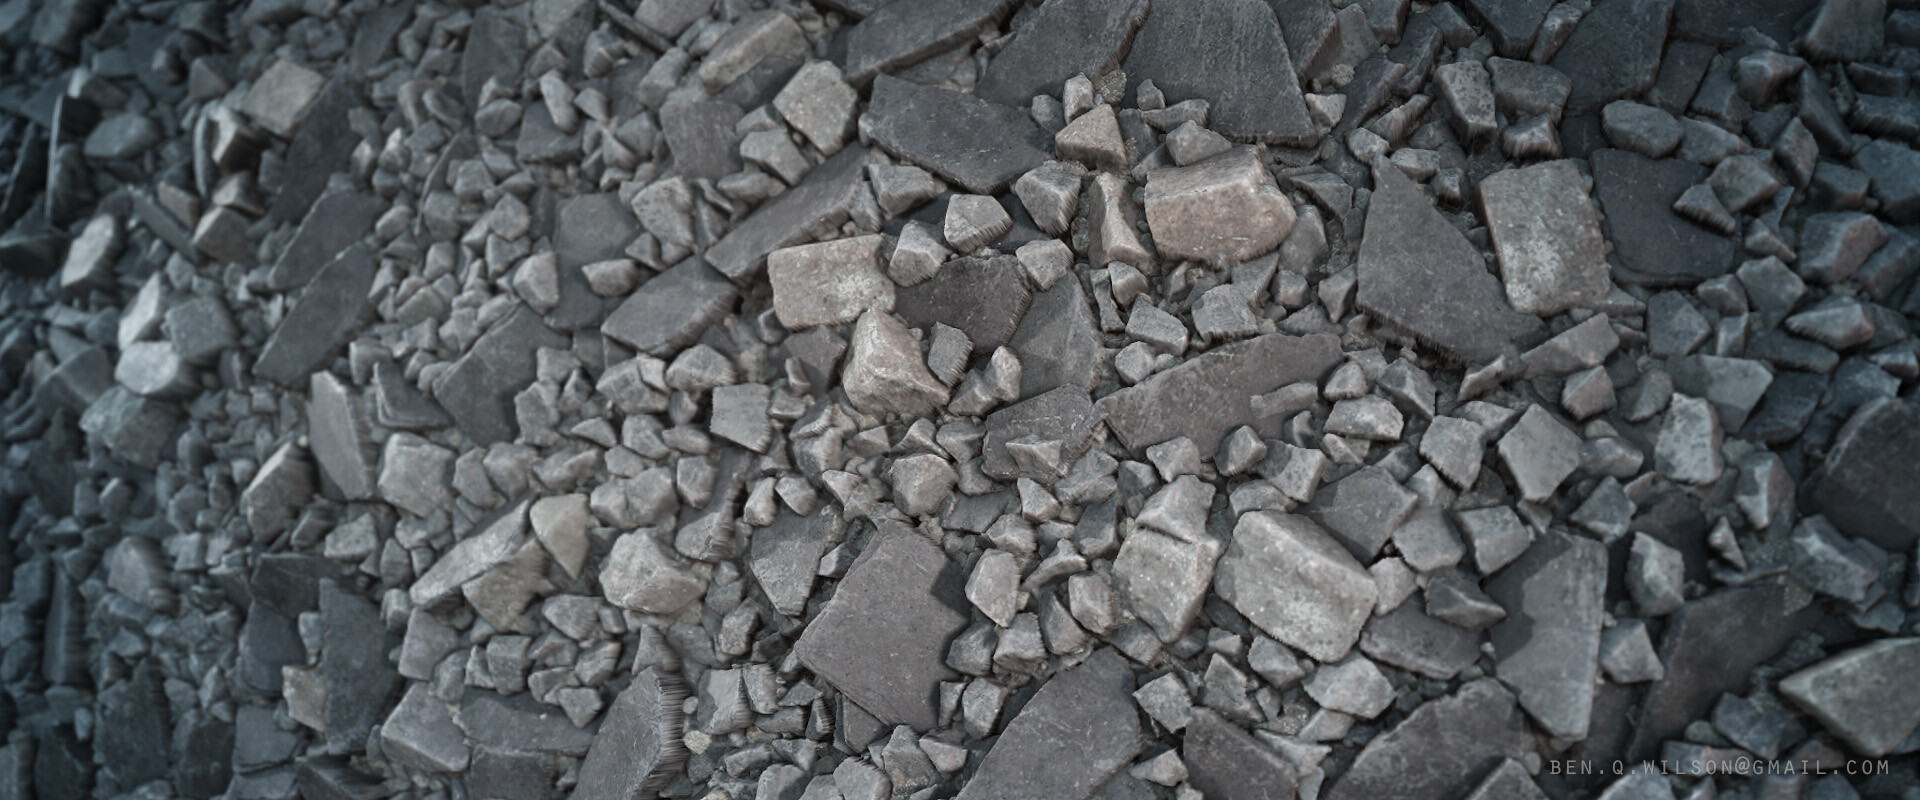 Ben wilson small rubble a 5